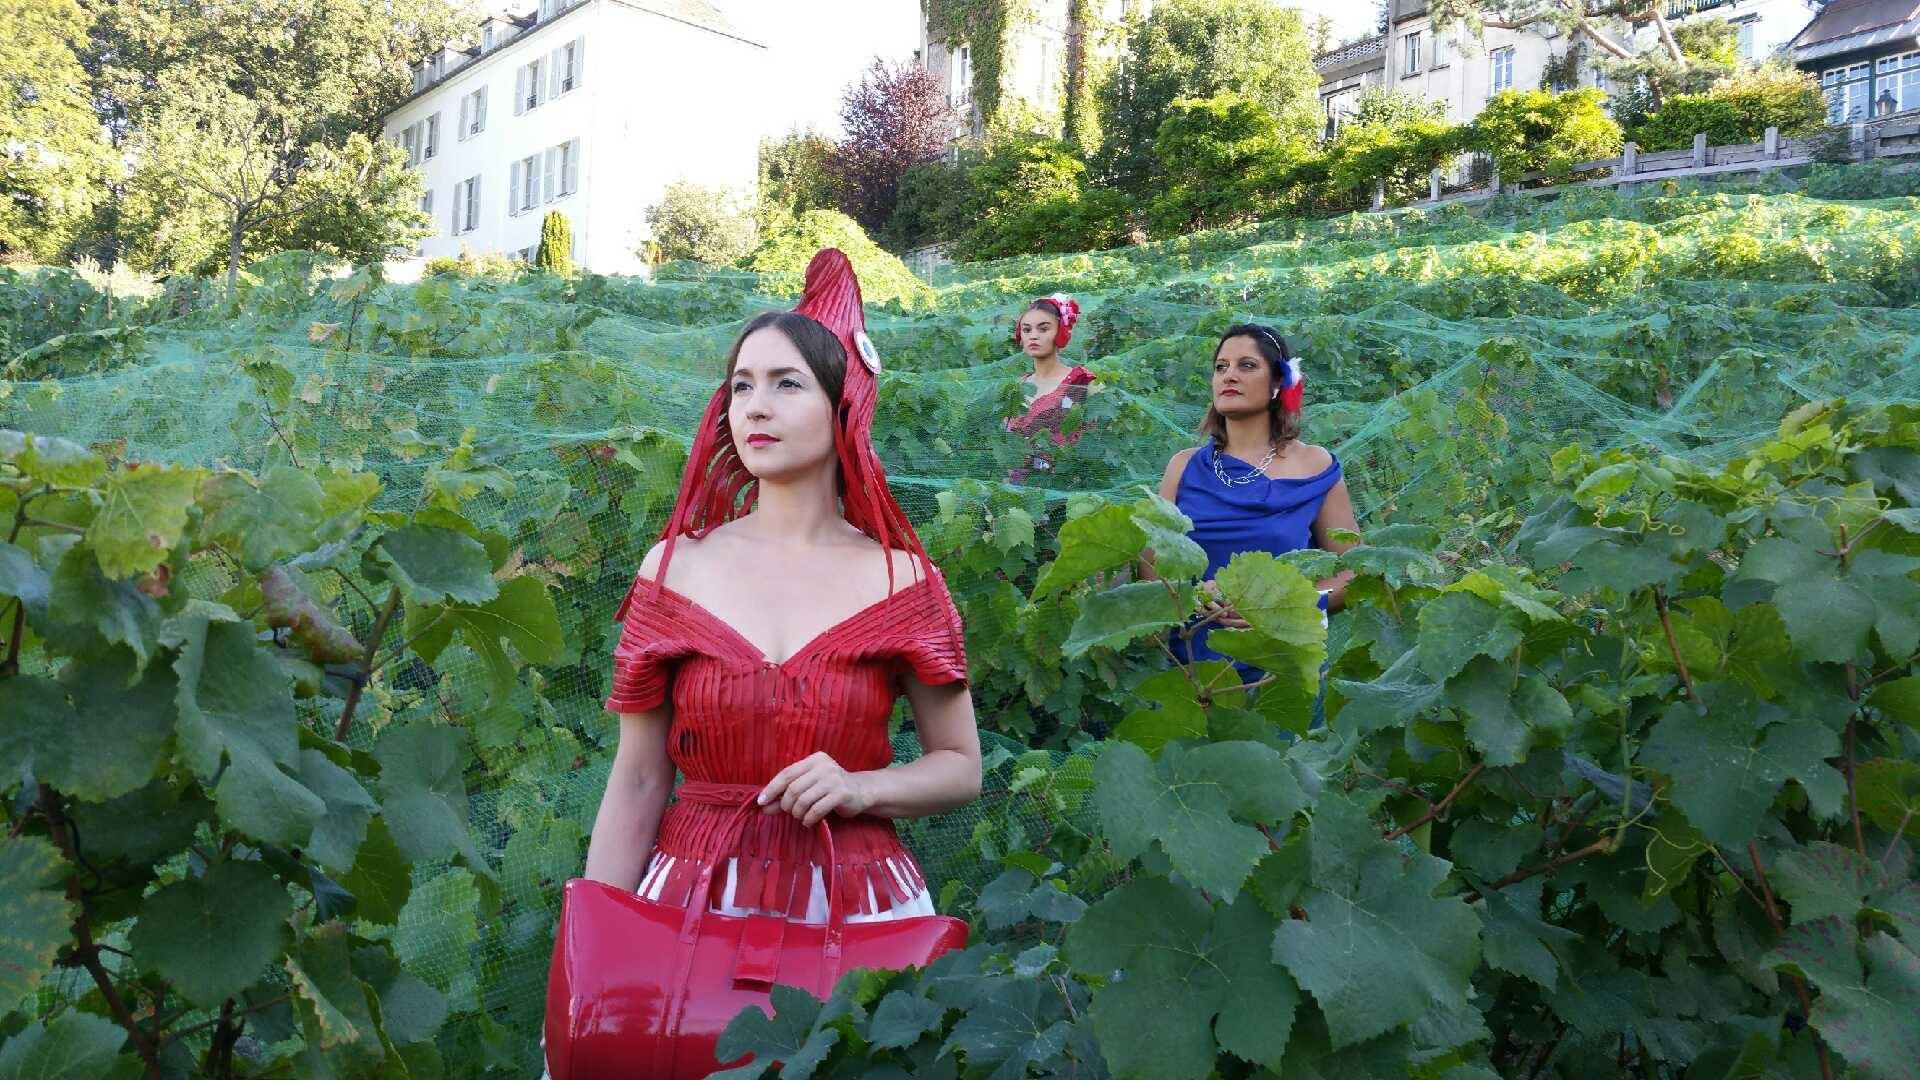 Fête des vendanges de Montmartre 2016 : vive le vin ! Vive la liberté !